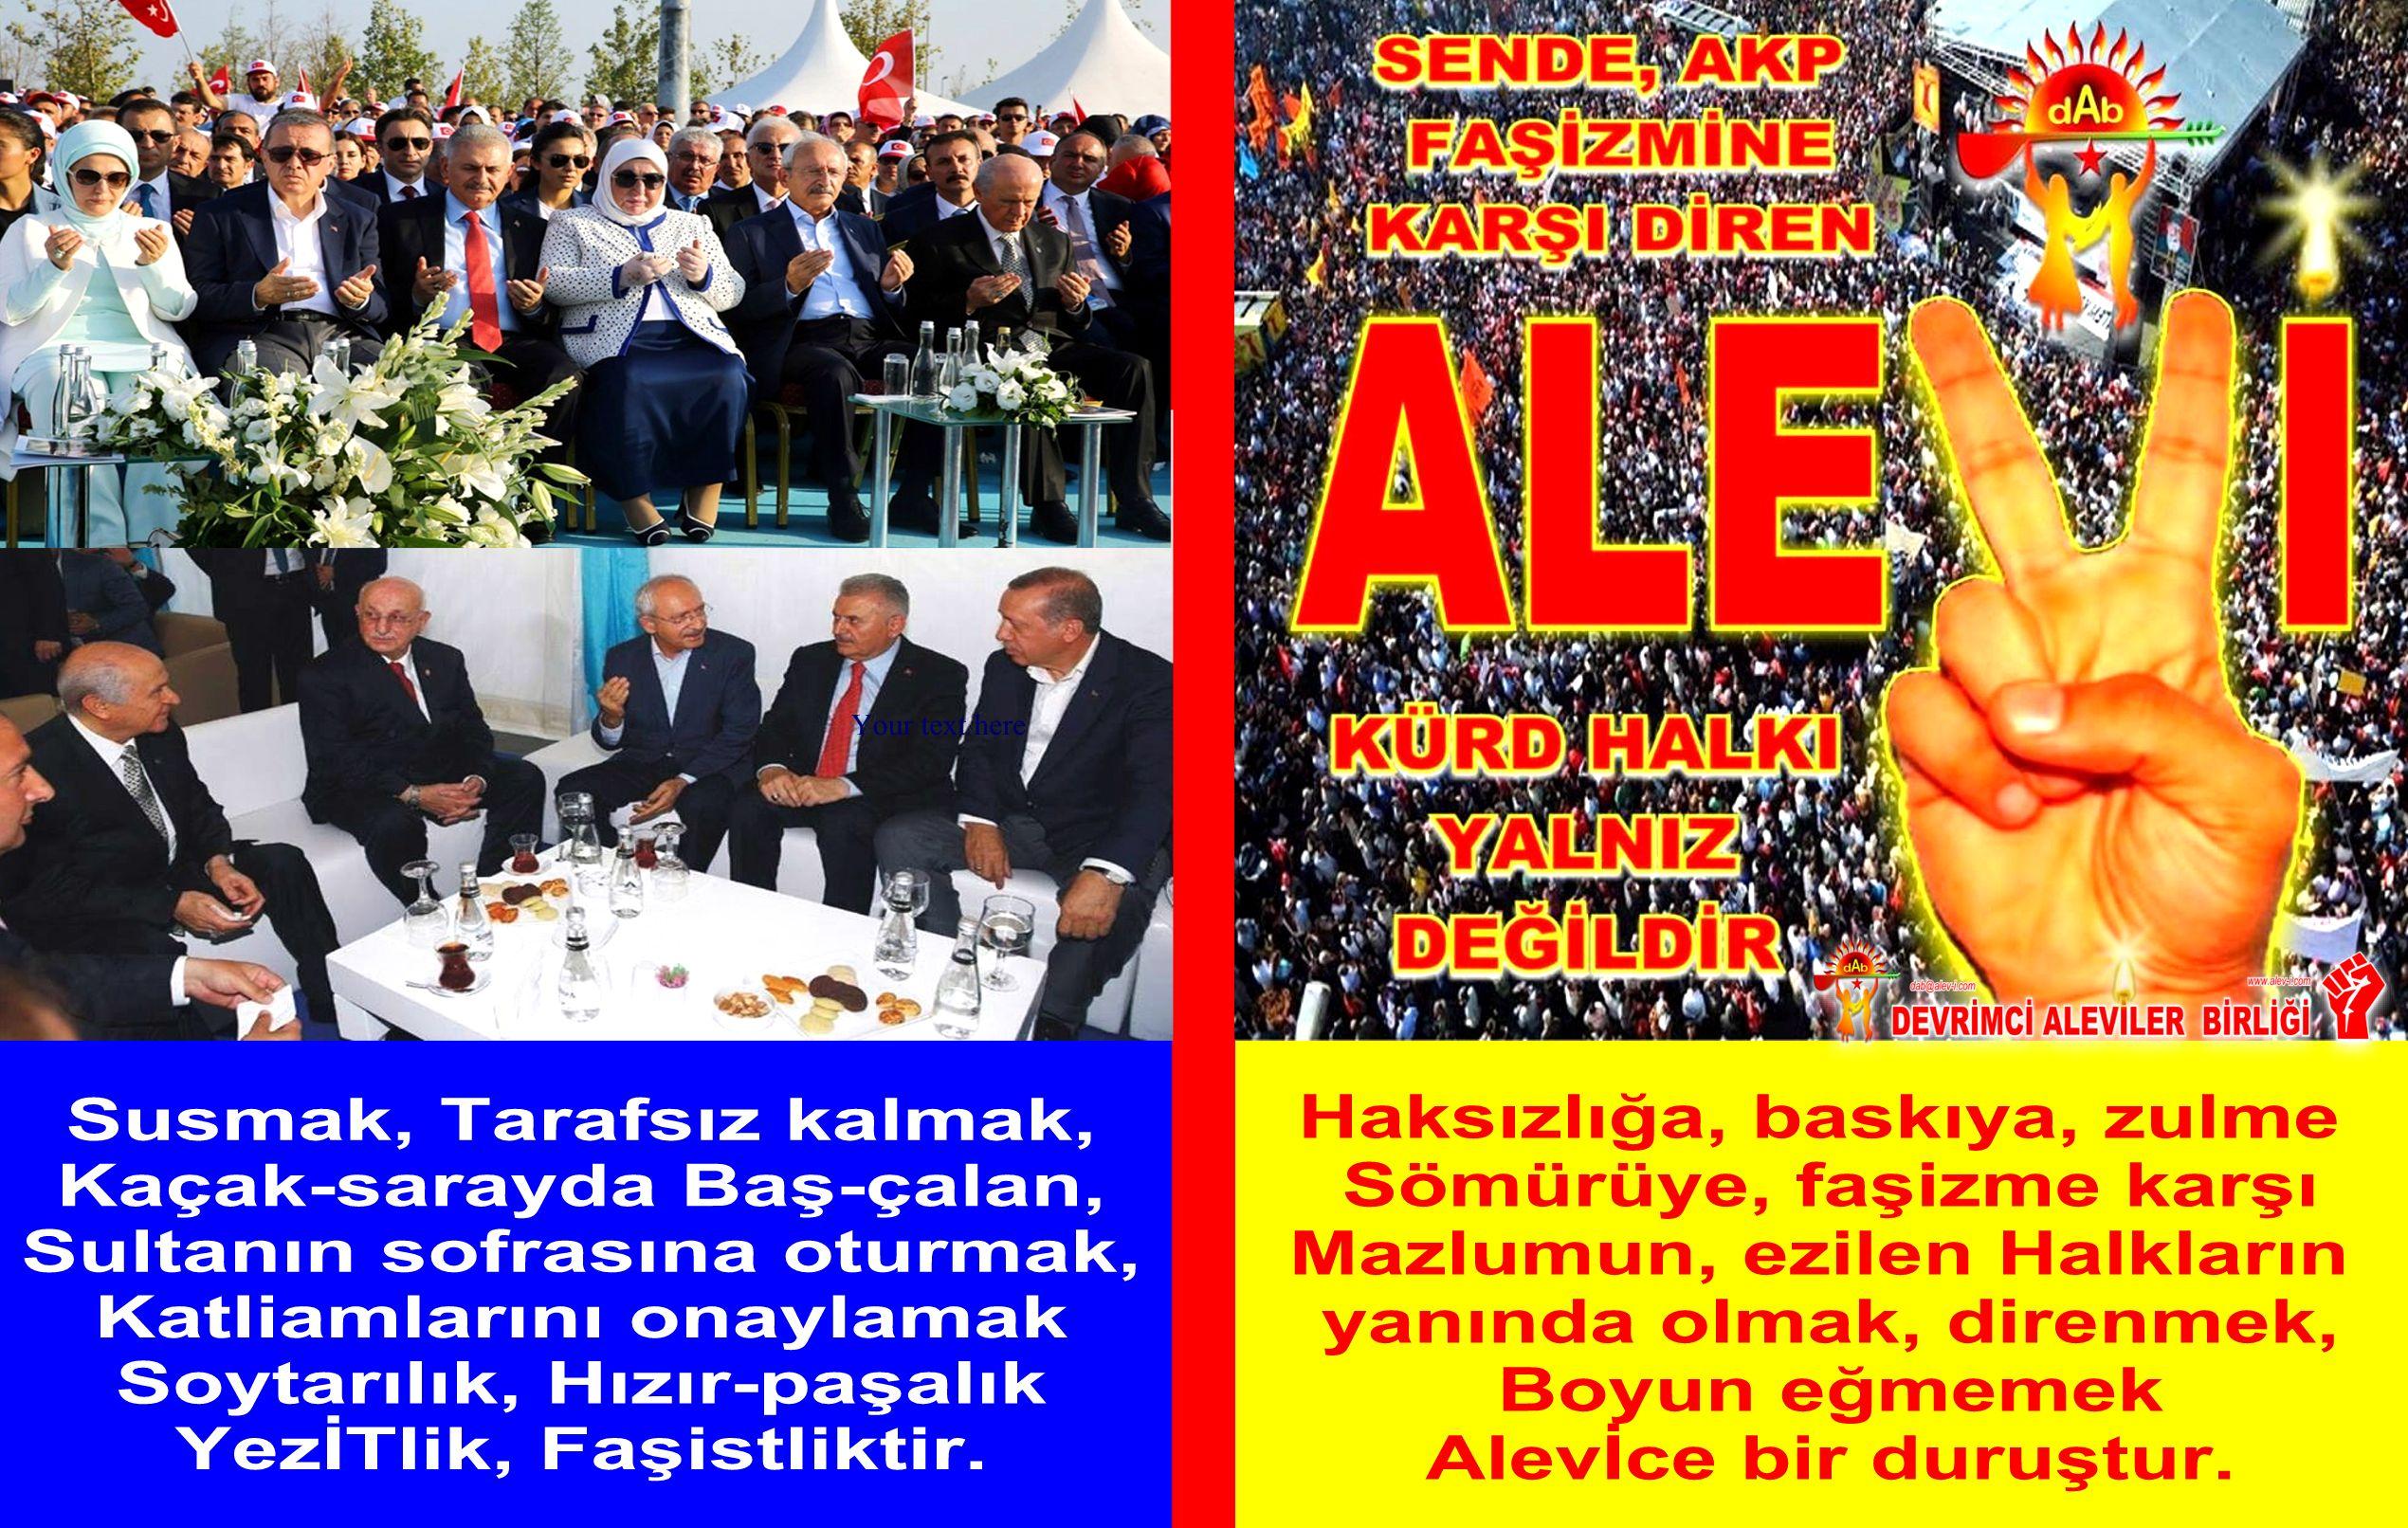 Devrimci Aleviler Birliği DAB Alevi Kızılbaş Bektaşi pir sultan cem hz Ali 12 imam semah Feramuz Şah Acar ezilenden yana olmak